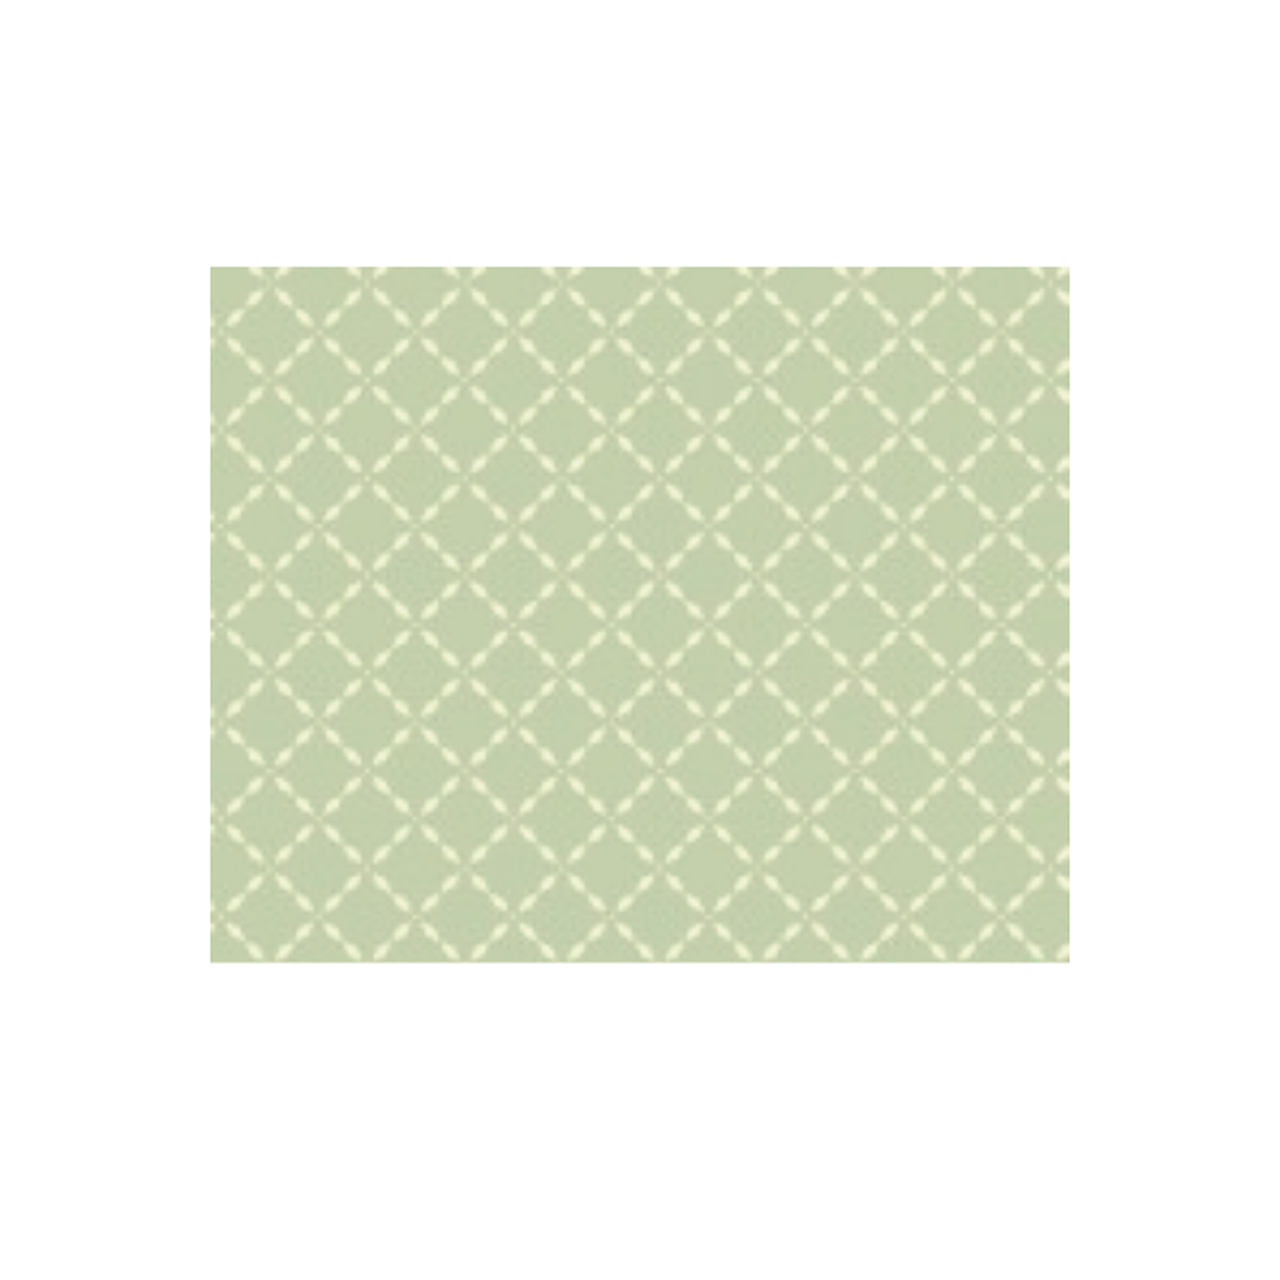 Lençol de elástico solteiro estampa verde geométrico